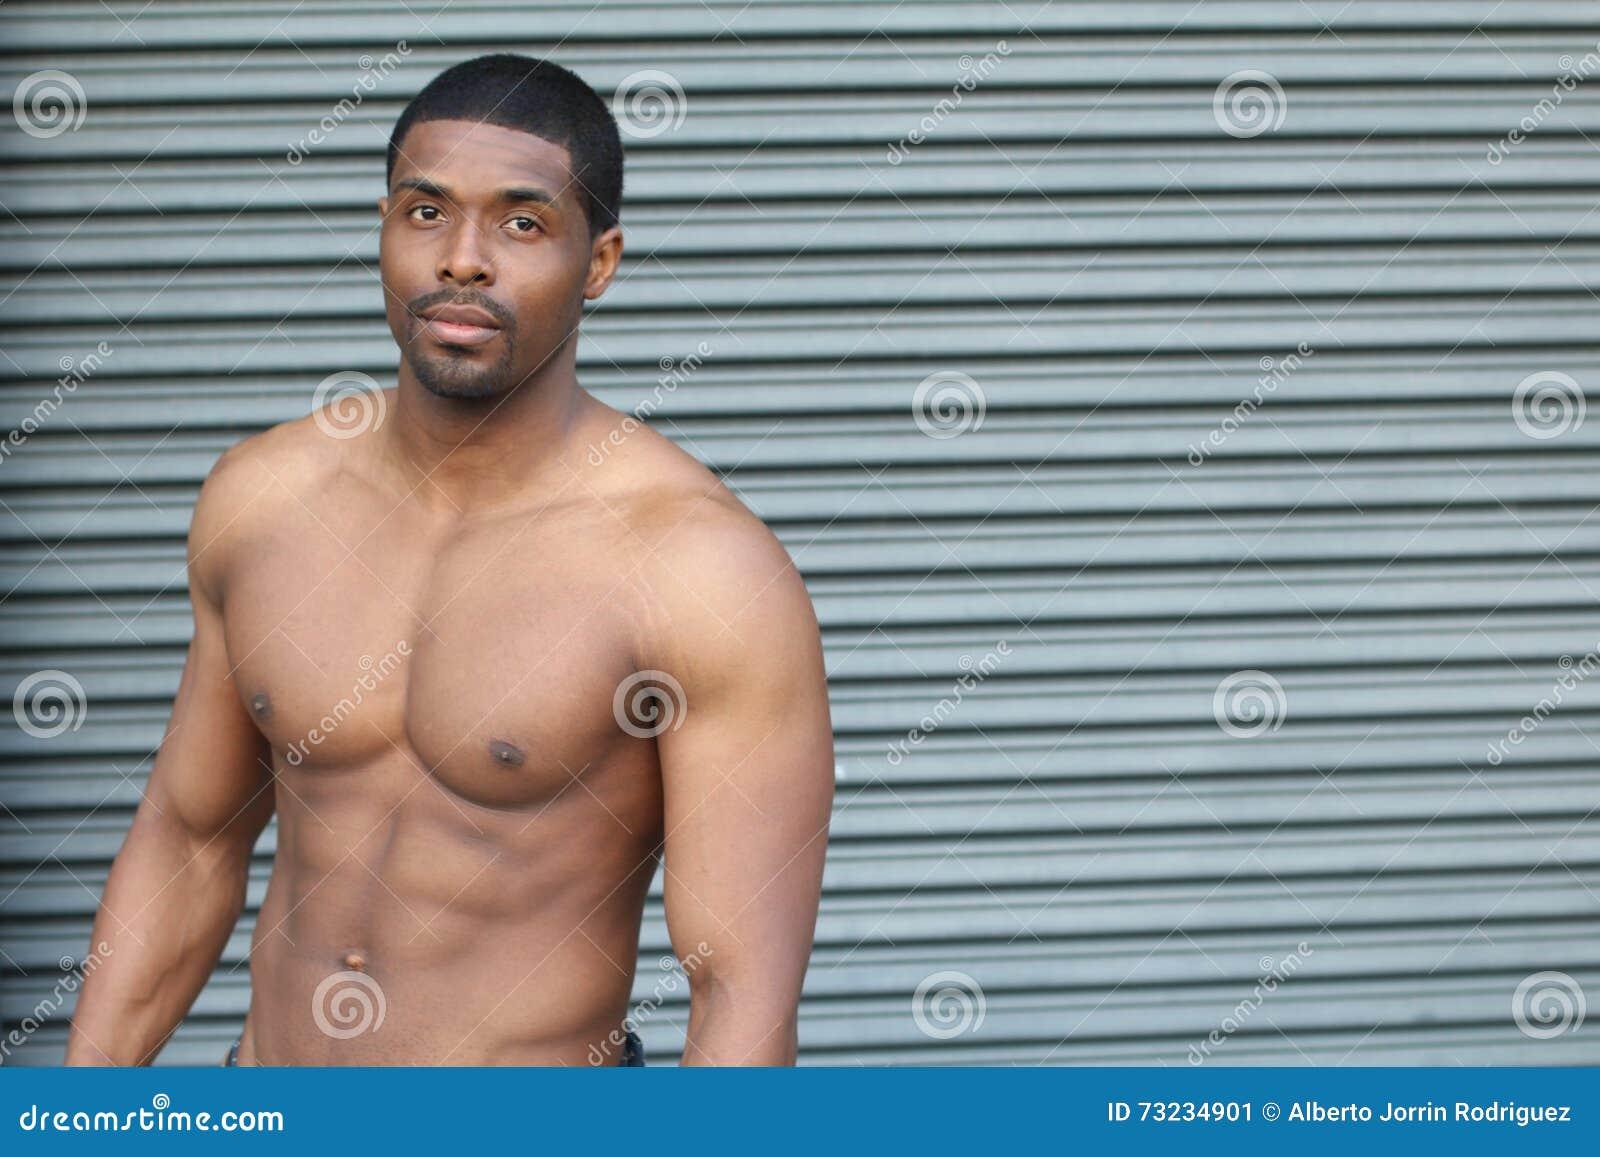 nudo maschio foto modellofare lamore non porno gay